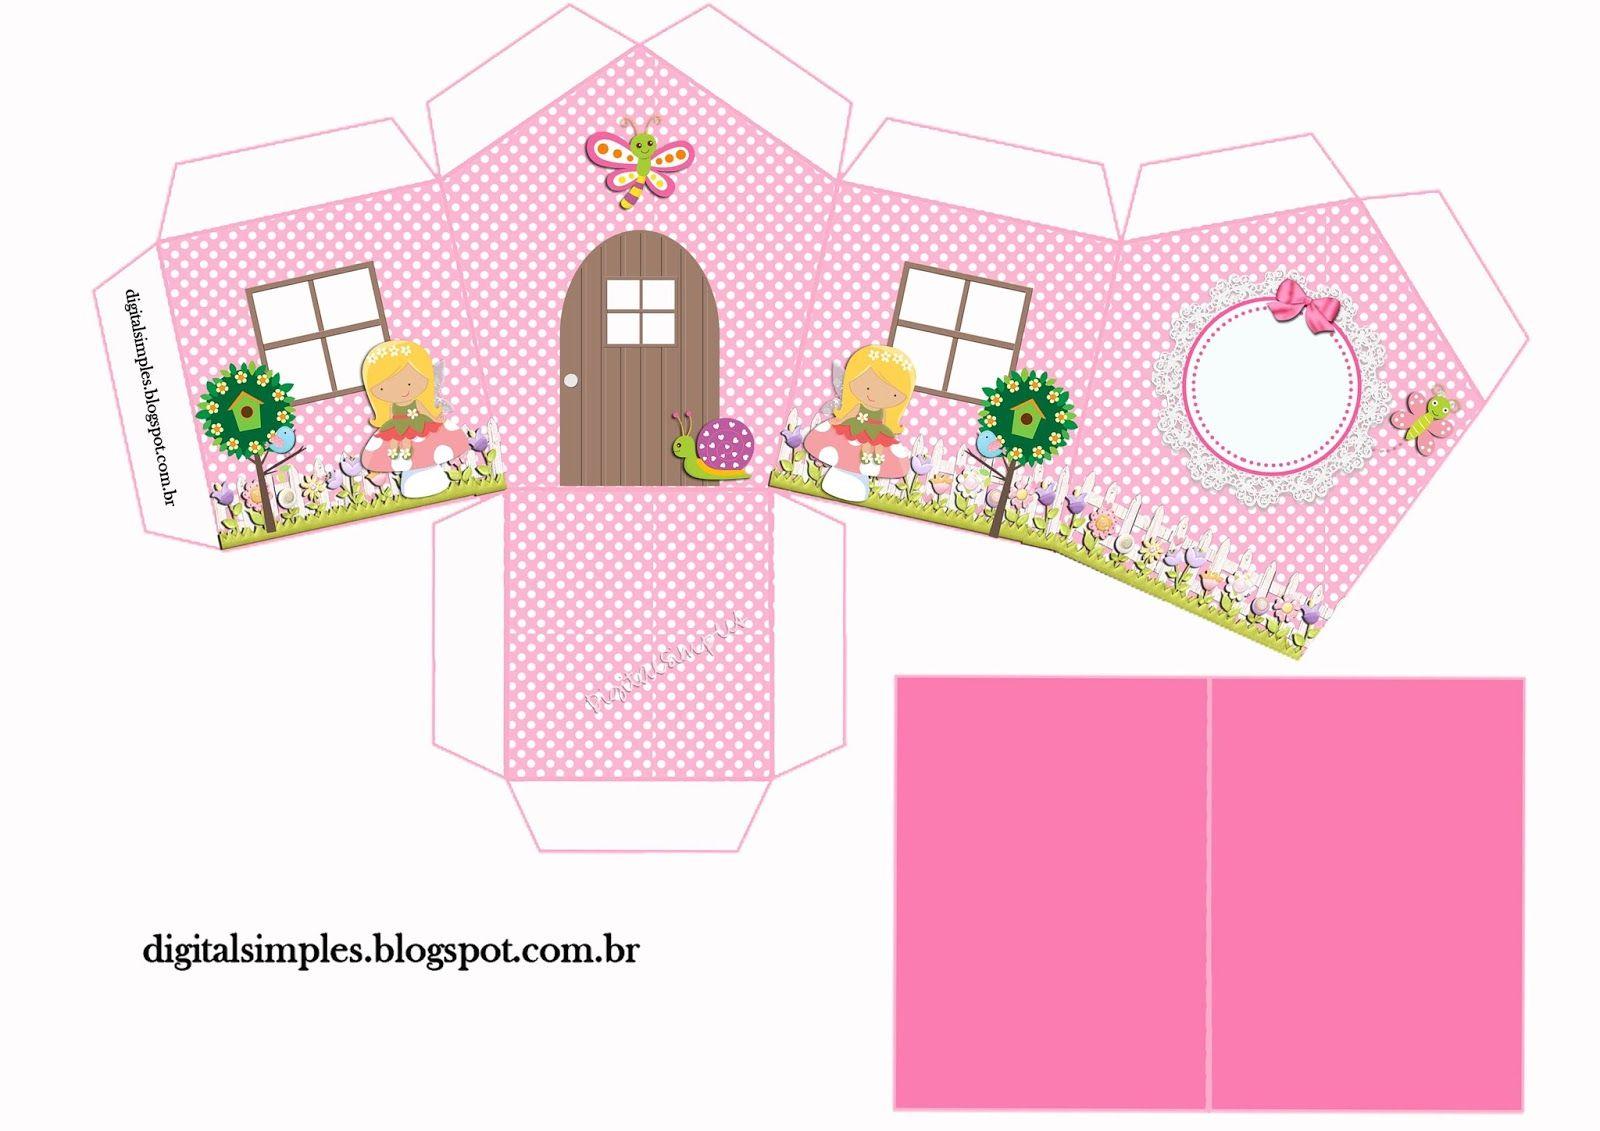 Kit Personalizados Jardim Encantado Para Imprimir Caixa De